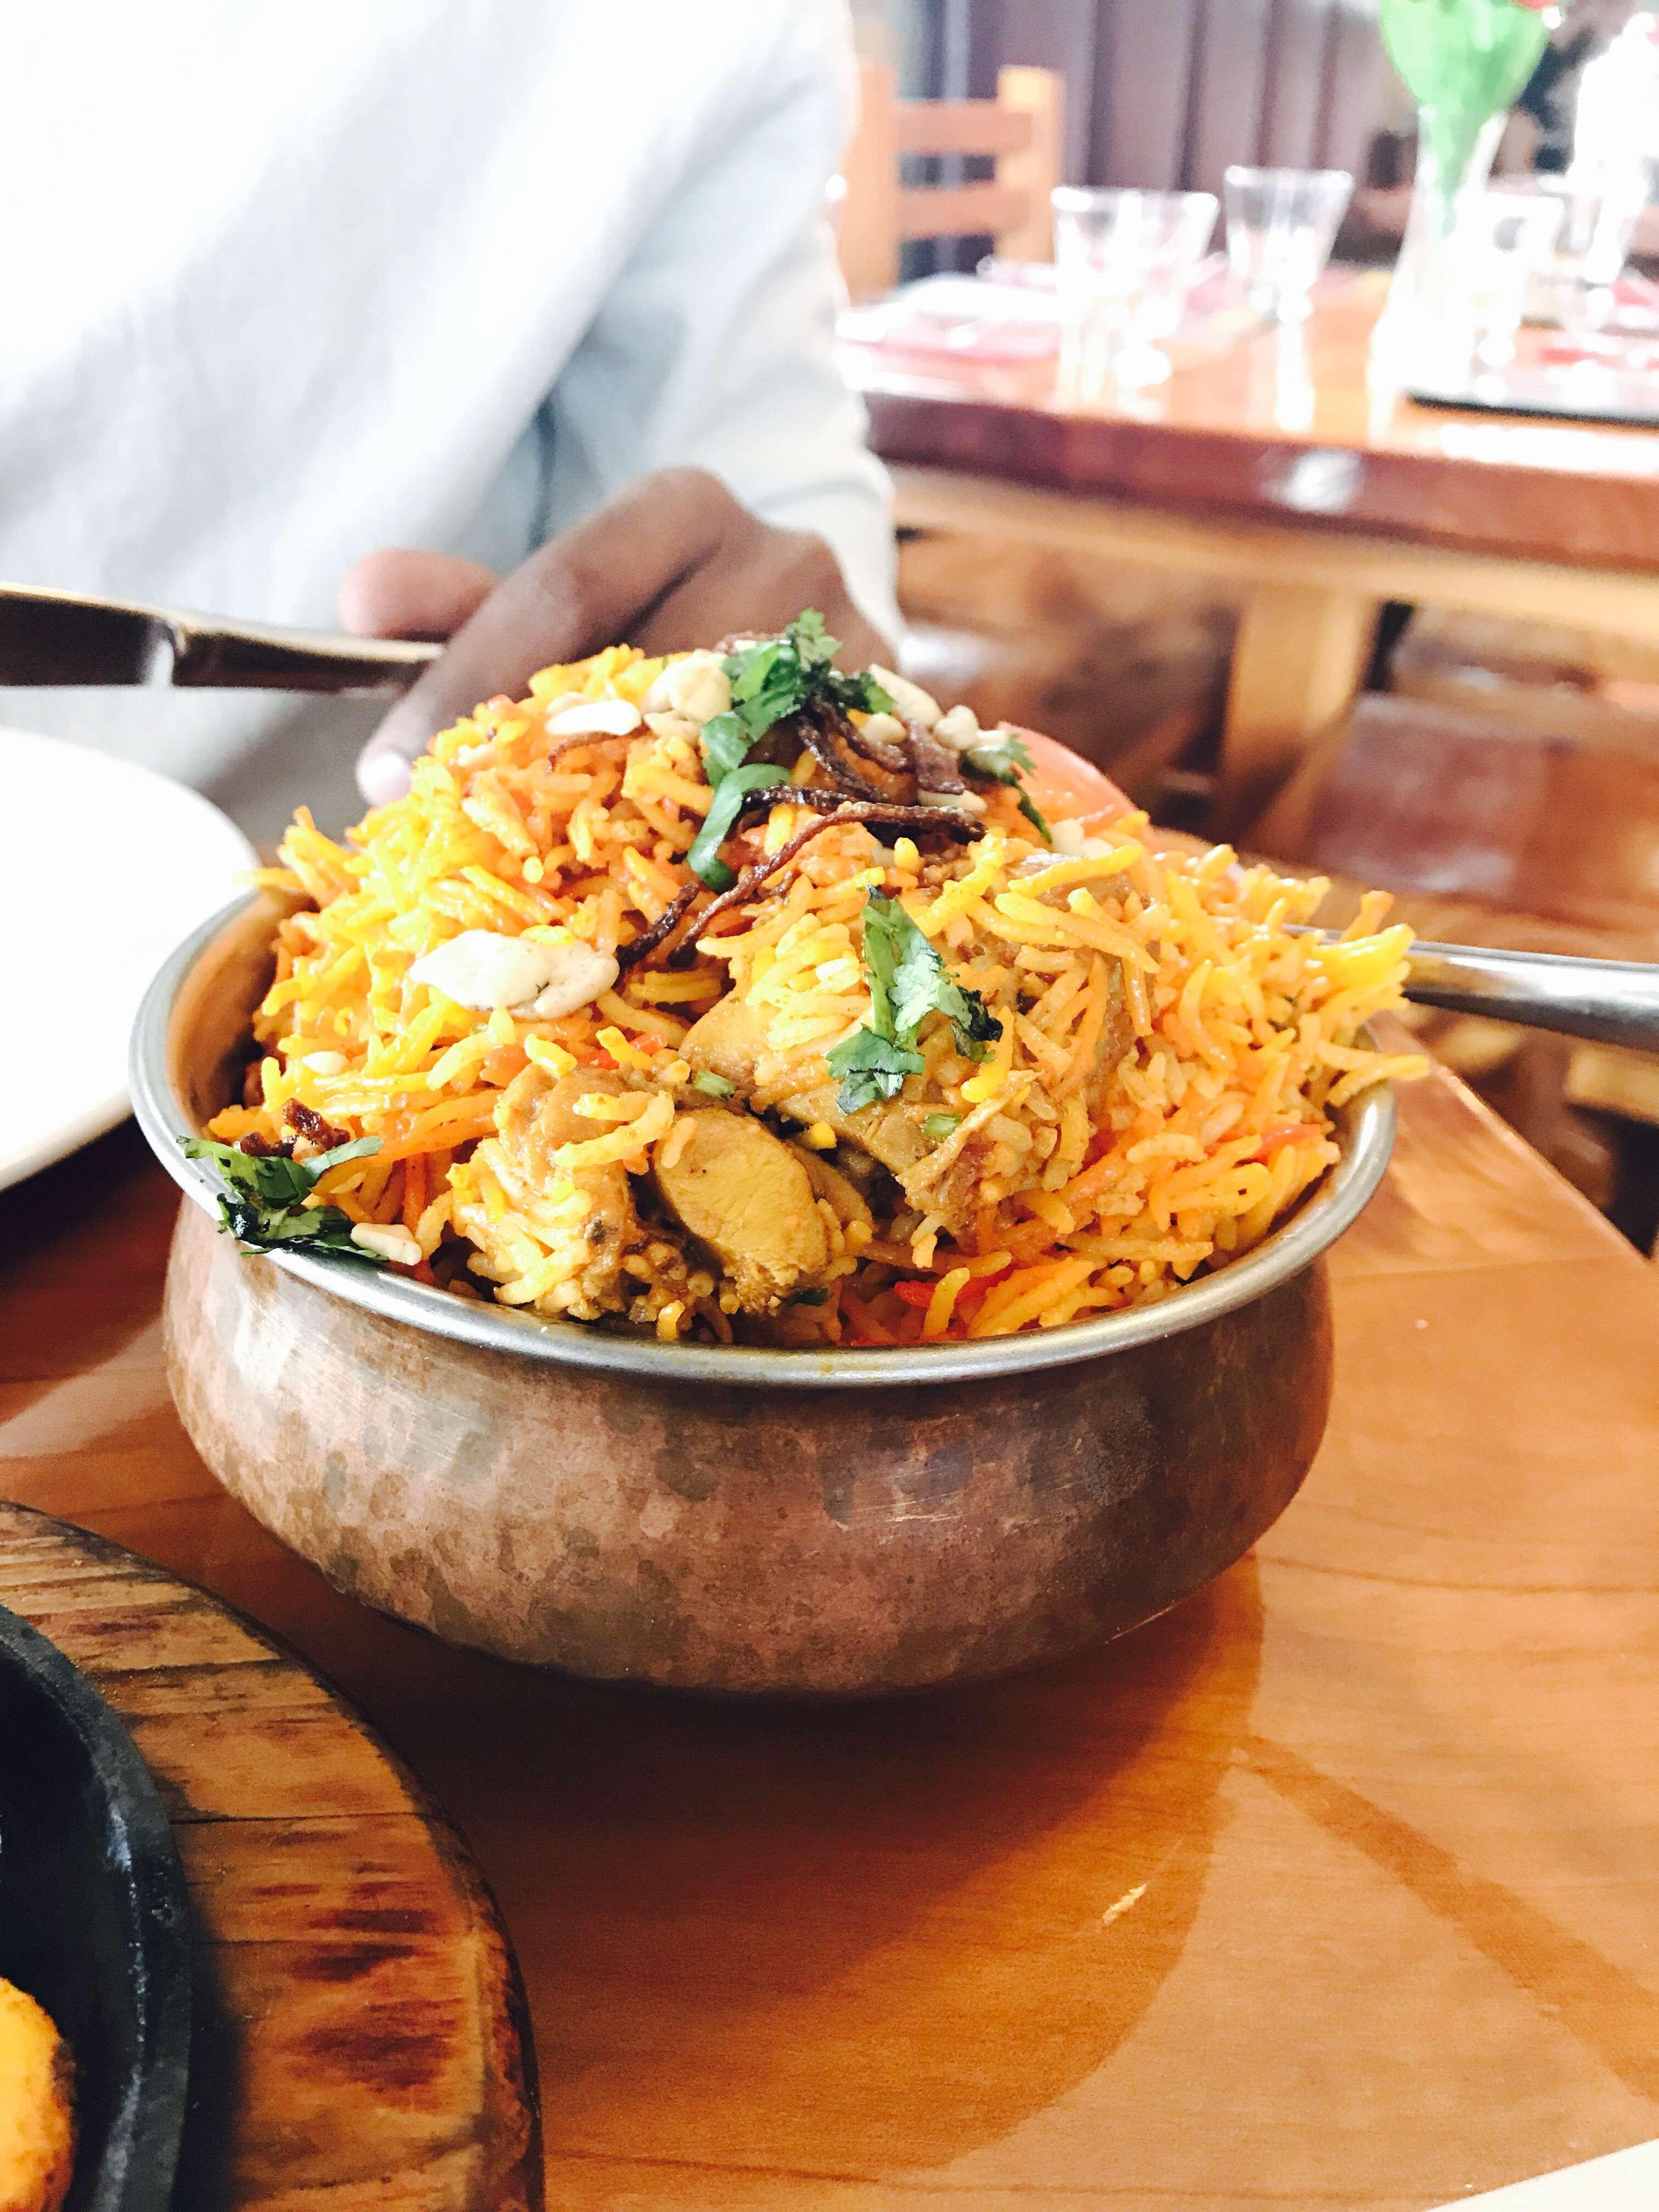 Kurukshetra Indian Restaurant & Takeaways